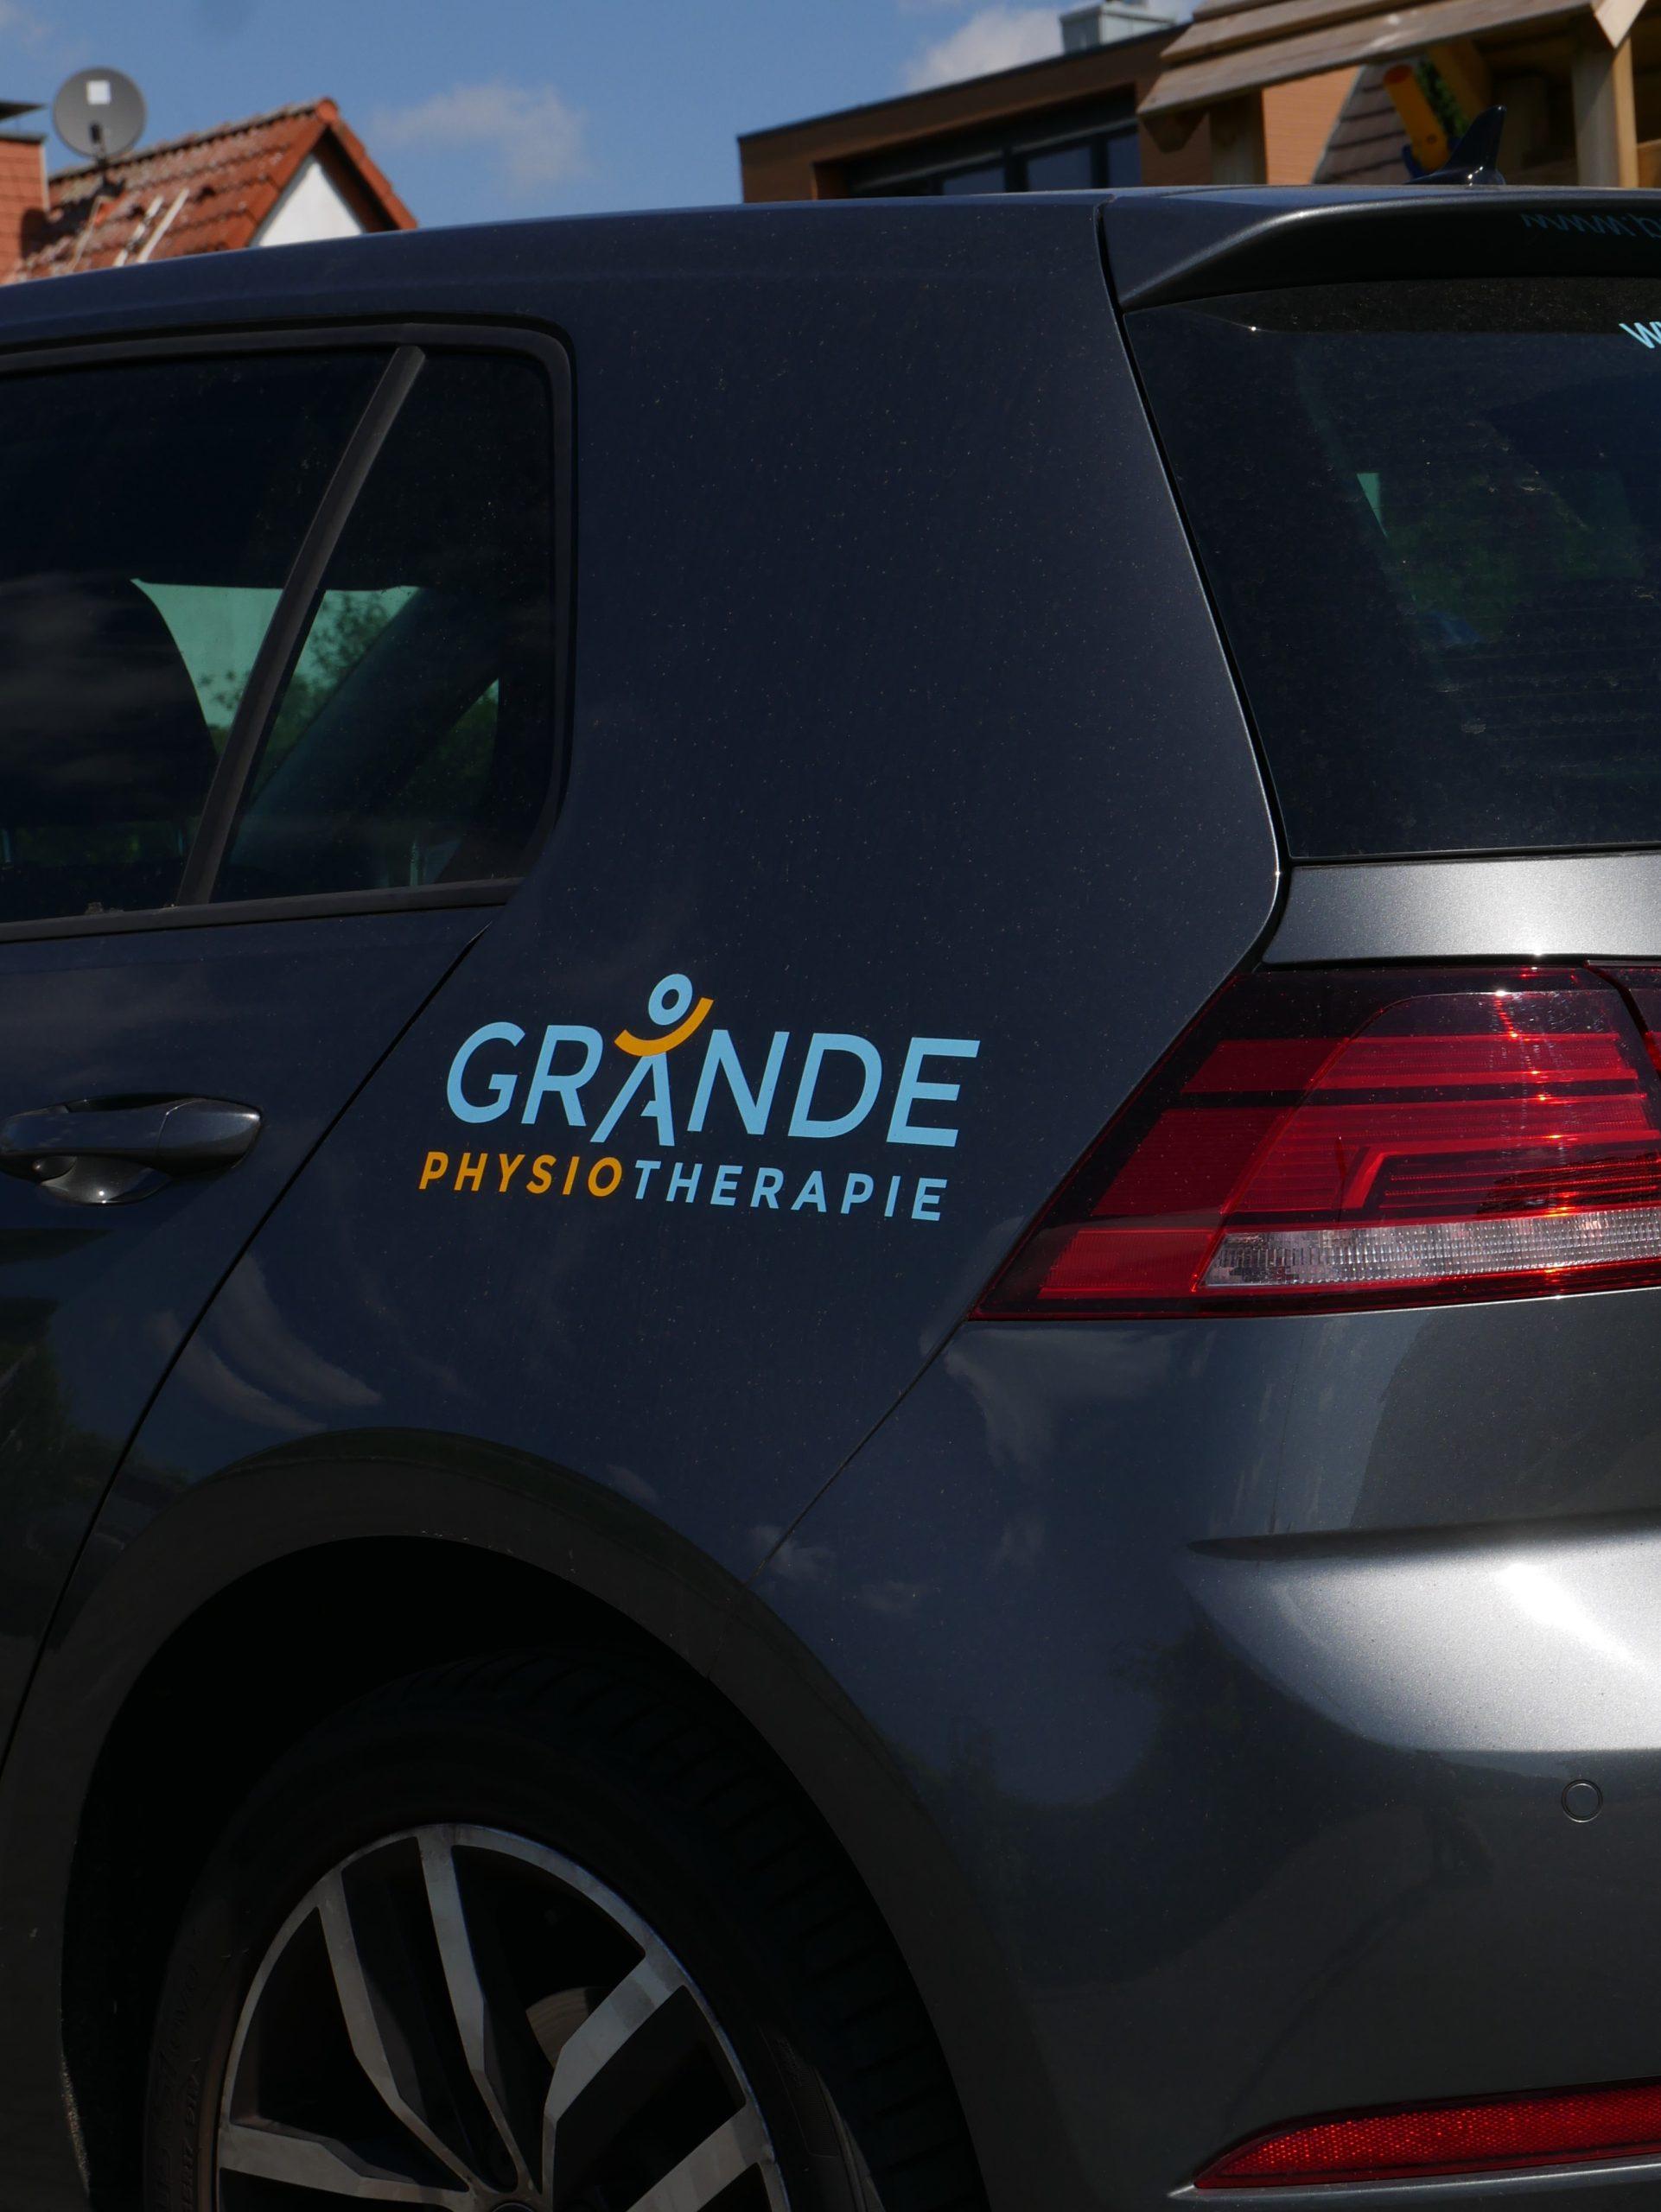 Physiotherapie Grande Praxisauto